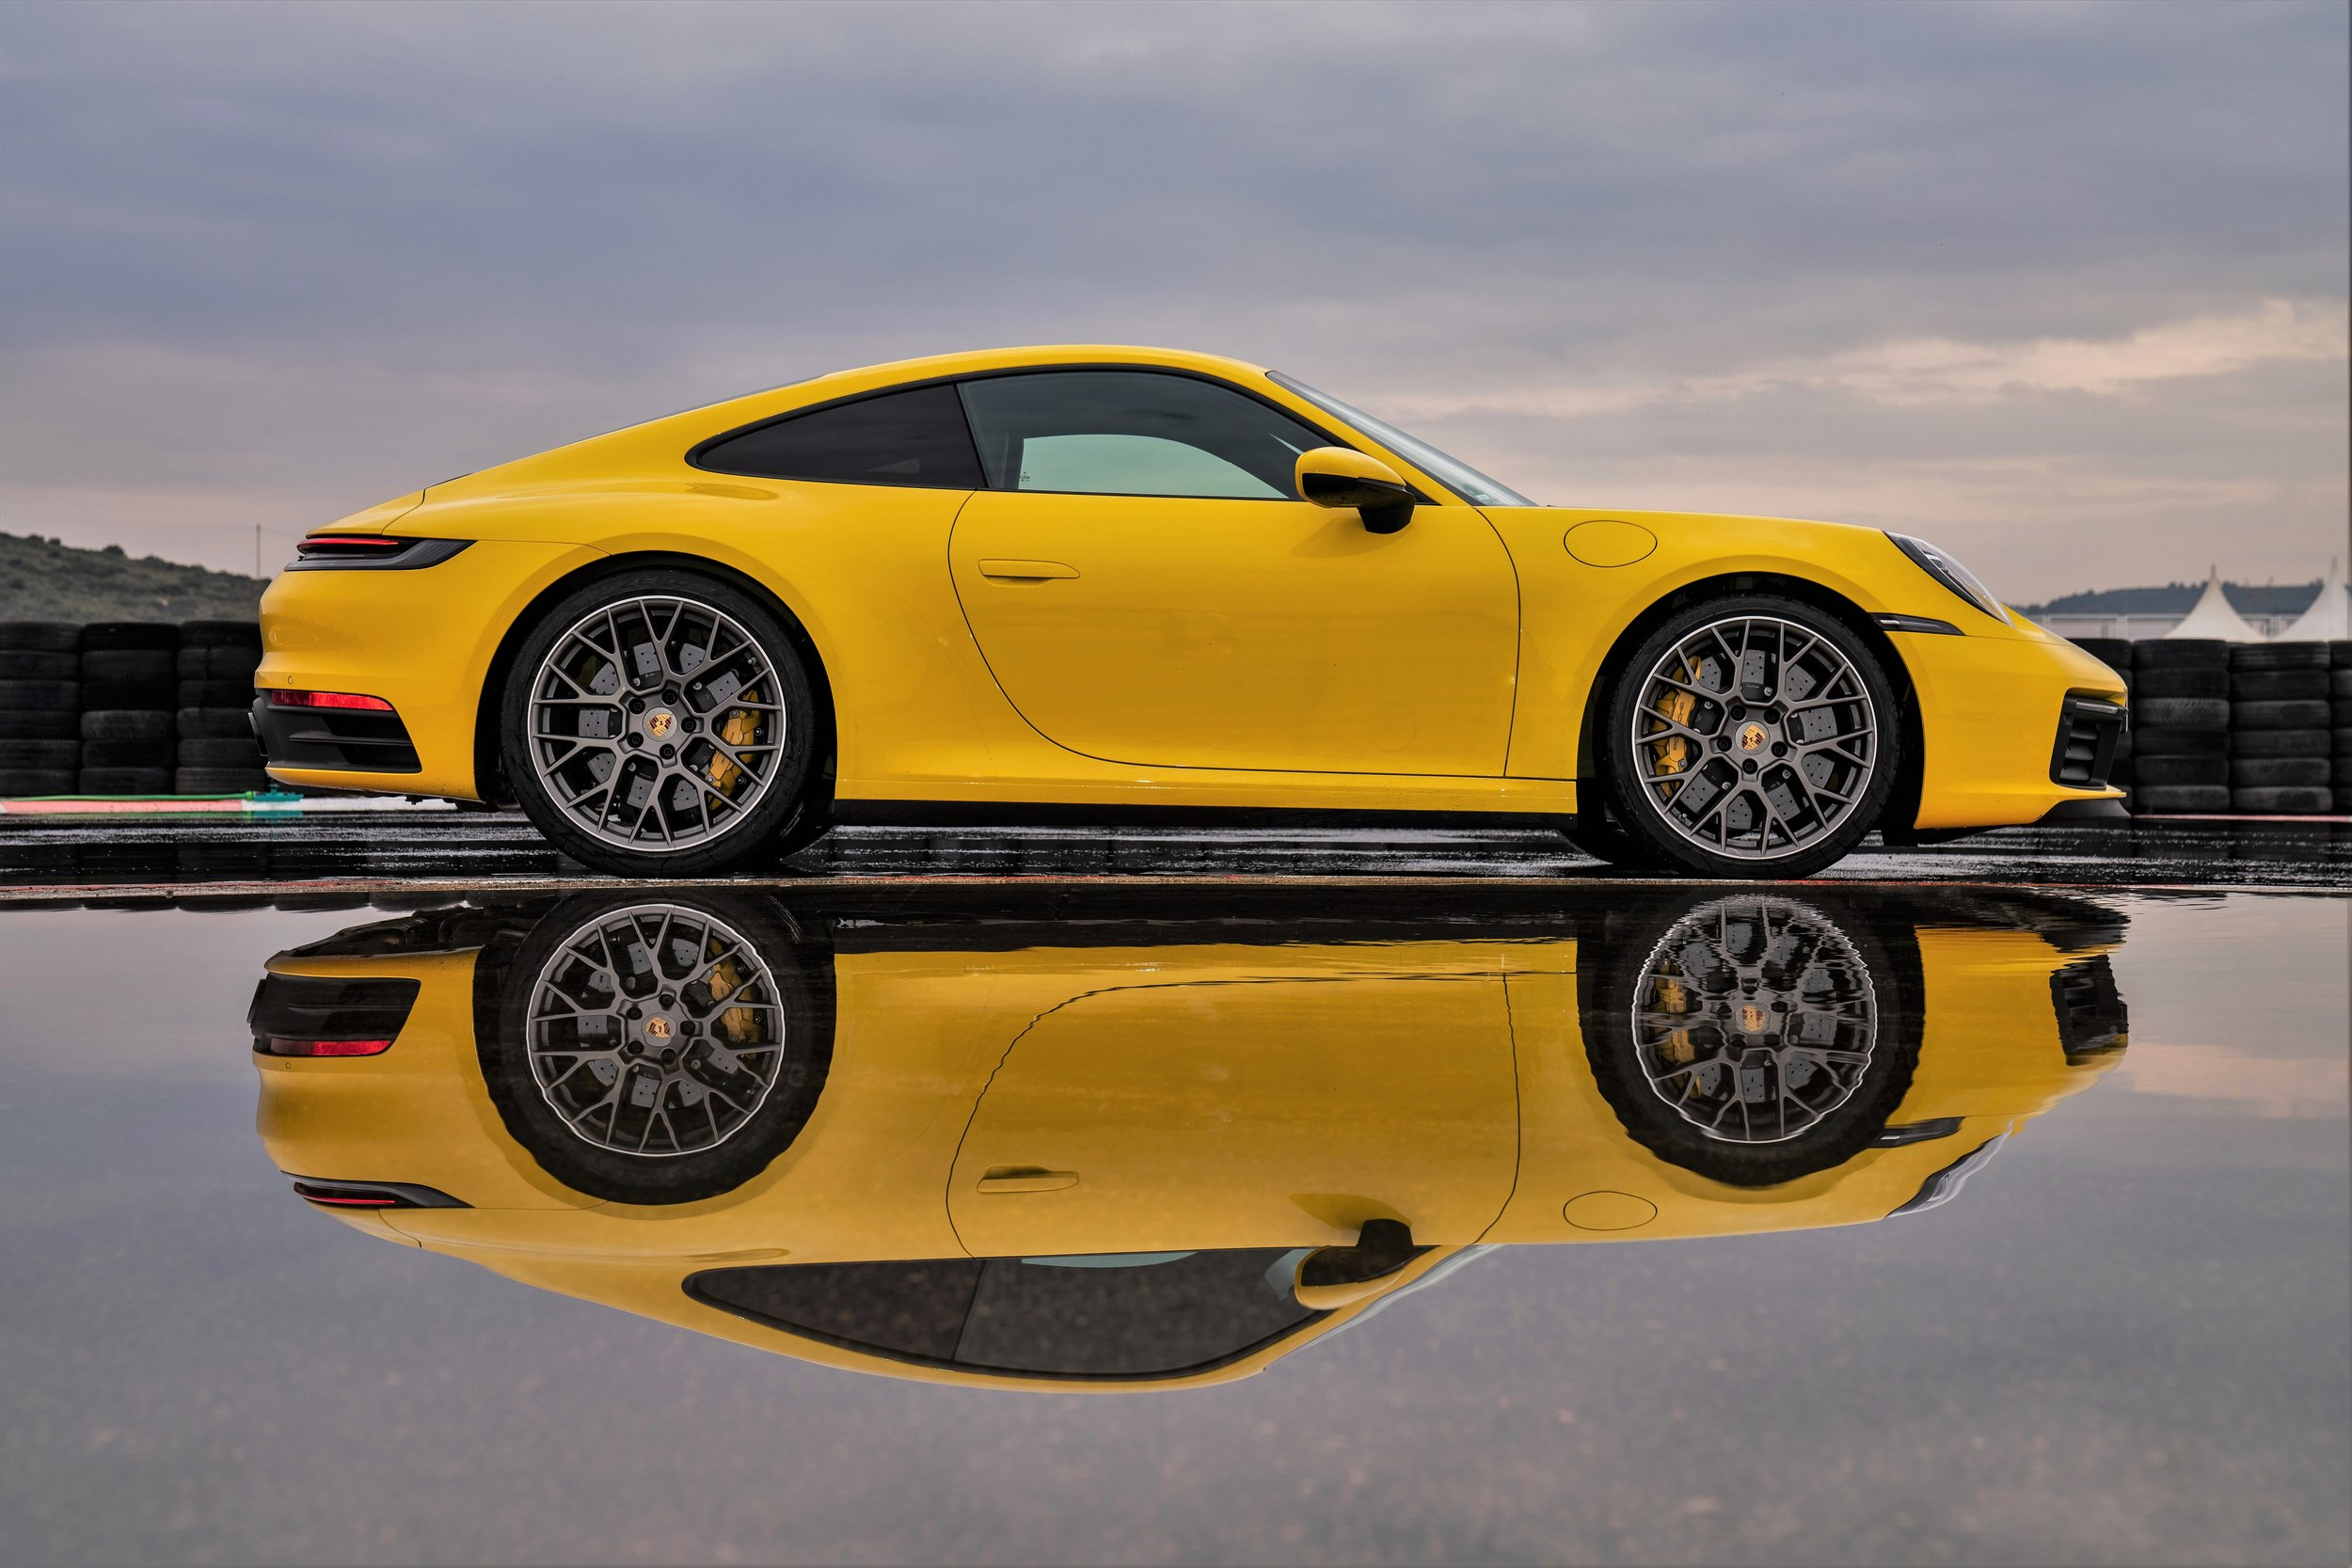 2020 Porsche 911, Valencia, Spain